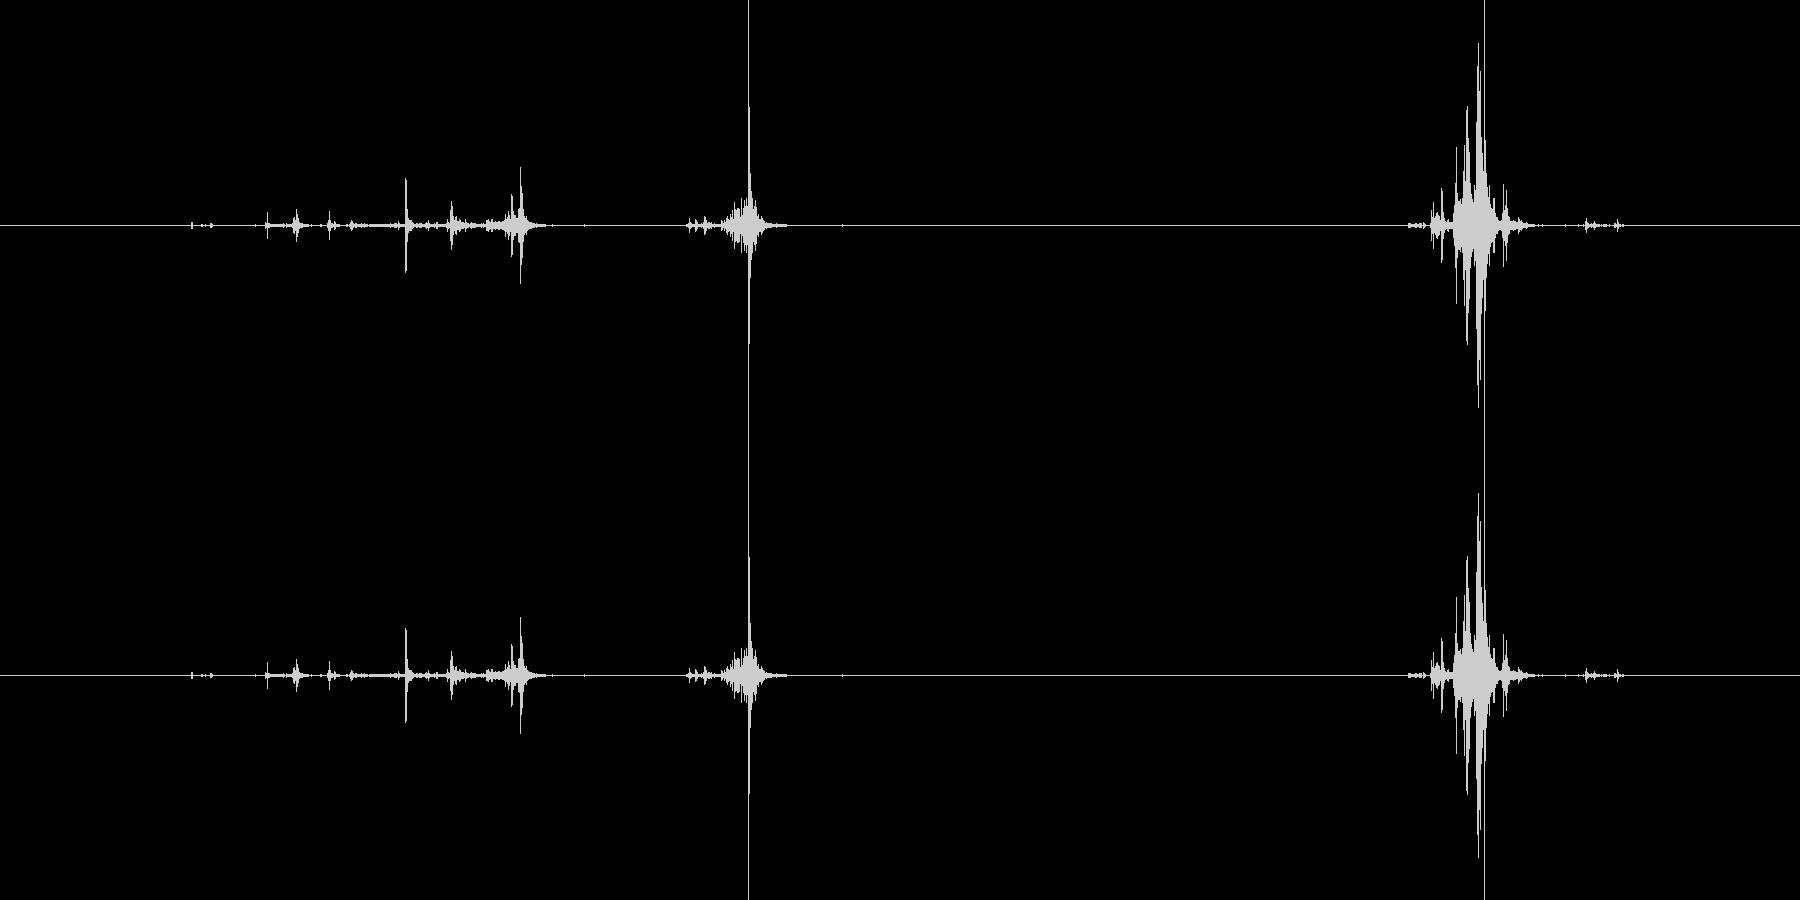 カシャッ(カメラで撮影する音)の未再生の波形